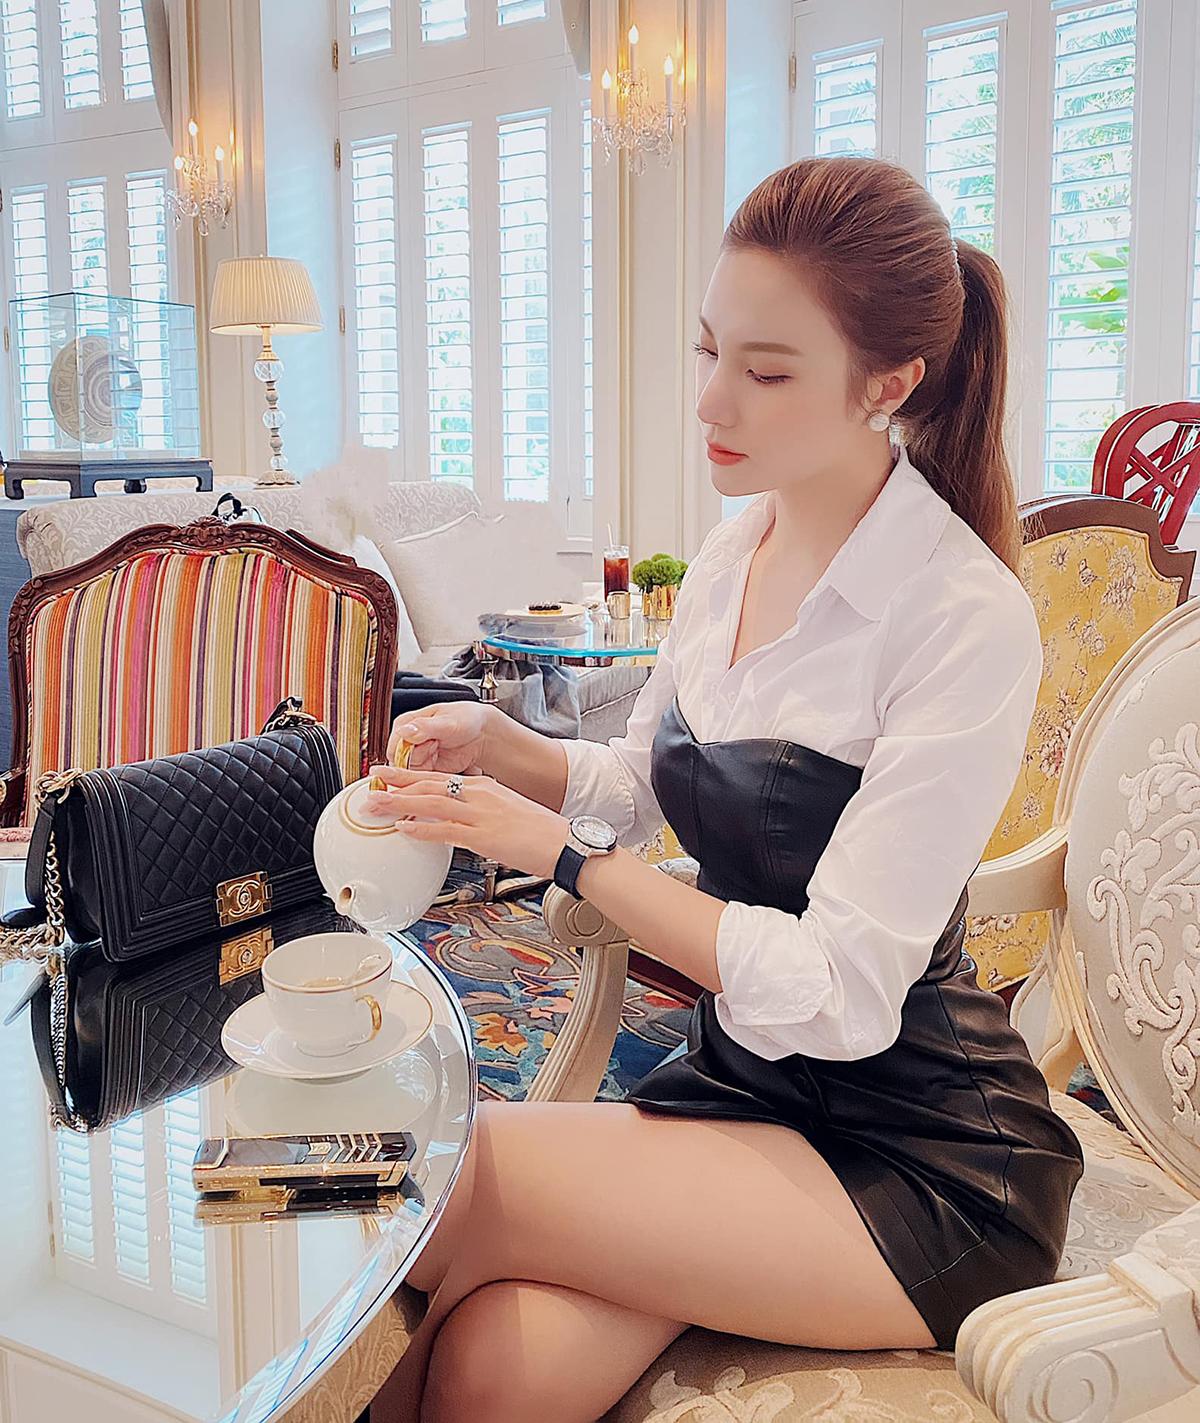 Vì uống trà chiều vốn là thói quen của giới quý tộc, các mỹ nhân Vbiz khi tổ chức những buổi tiệc trà này đều thích cách ăn mặc đậm chất tiểu thư, cho thấy phong cách vương giả và sang chảnh. Hạnh Sino mặc váy da, khoe khéo túi Chanel, đồng hồ Hublot và điện thoại Vertu đúng chuẩn thượng lưu.